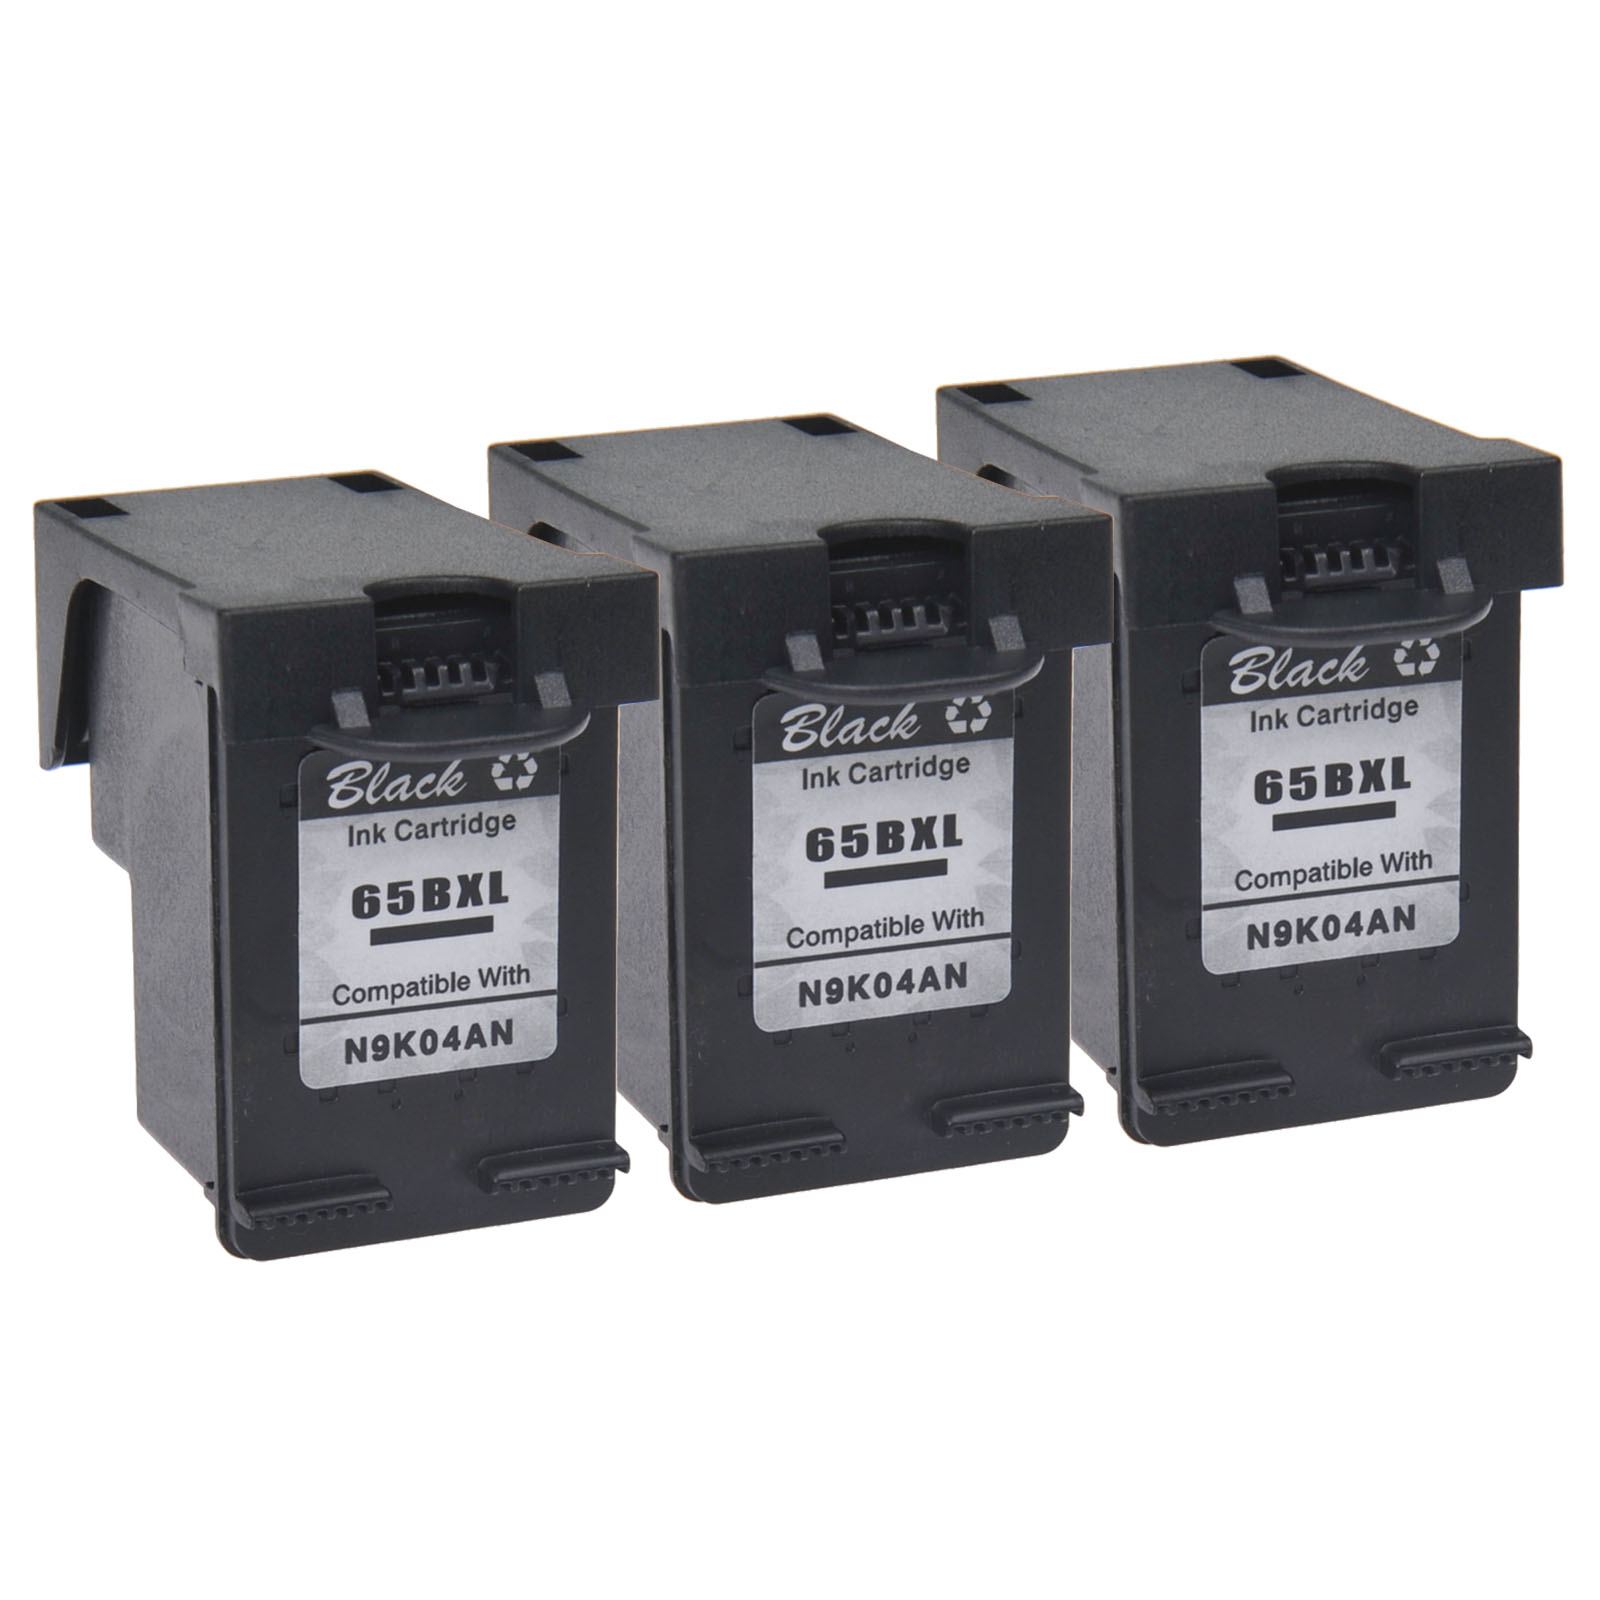 2 Pack 65XL Ink Cartridge Set for HP DeskJet 2652 2655 3720 3722 3730 3752 3758